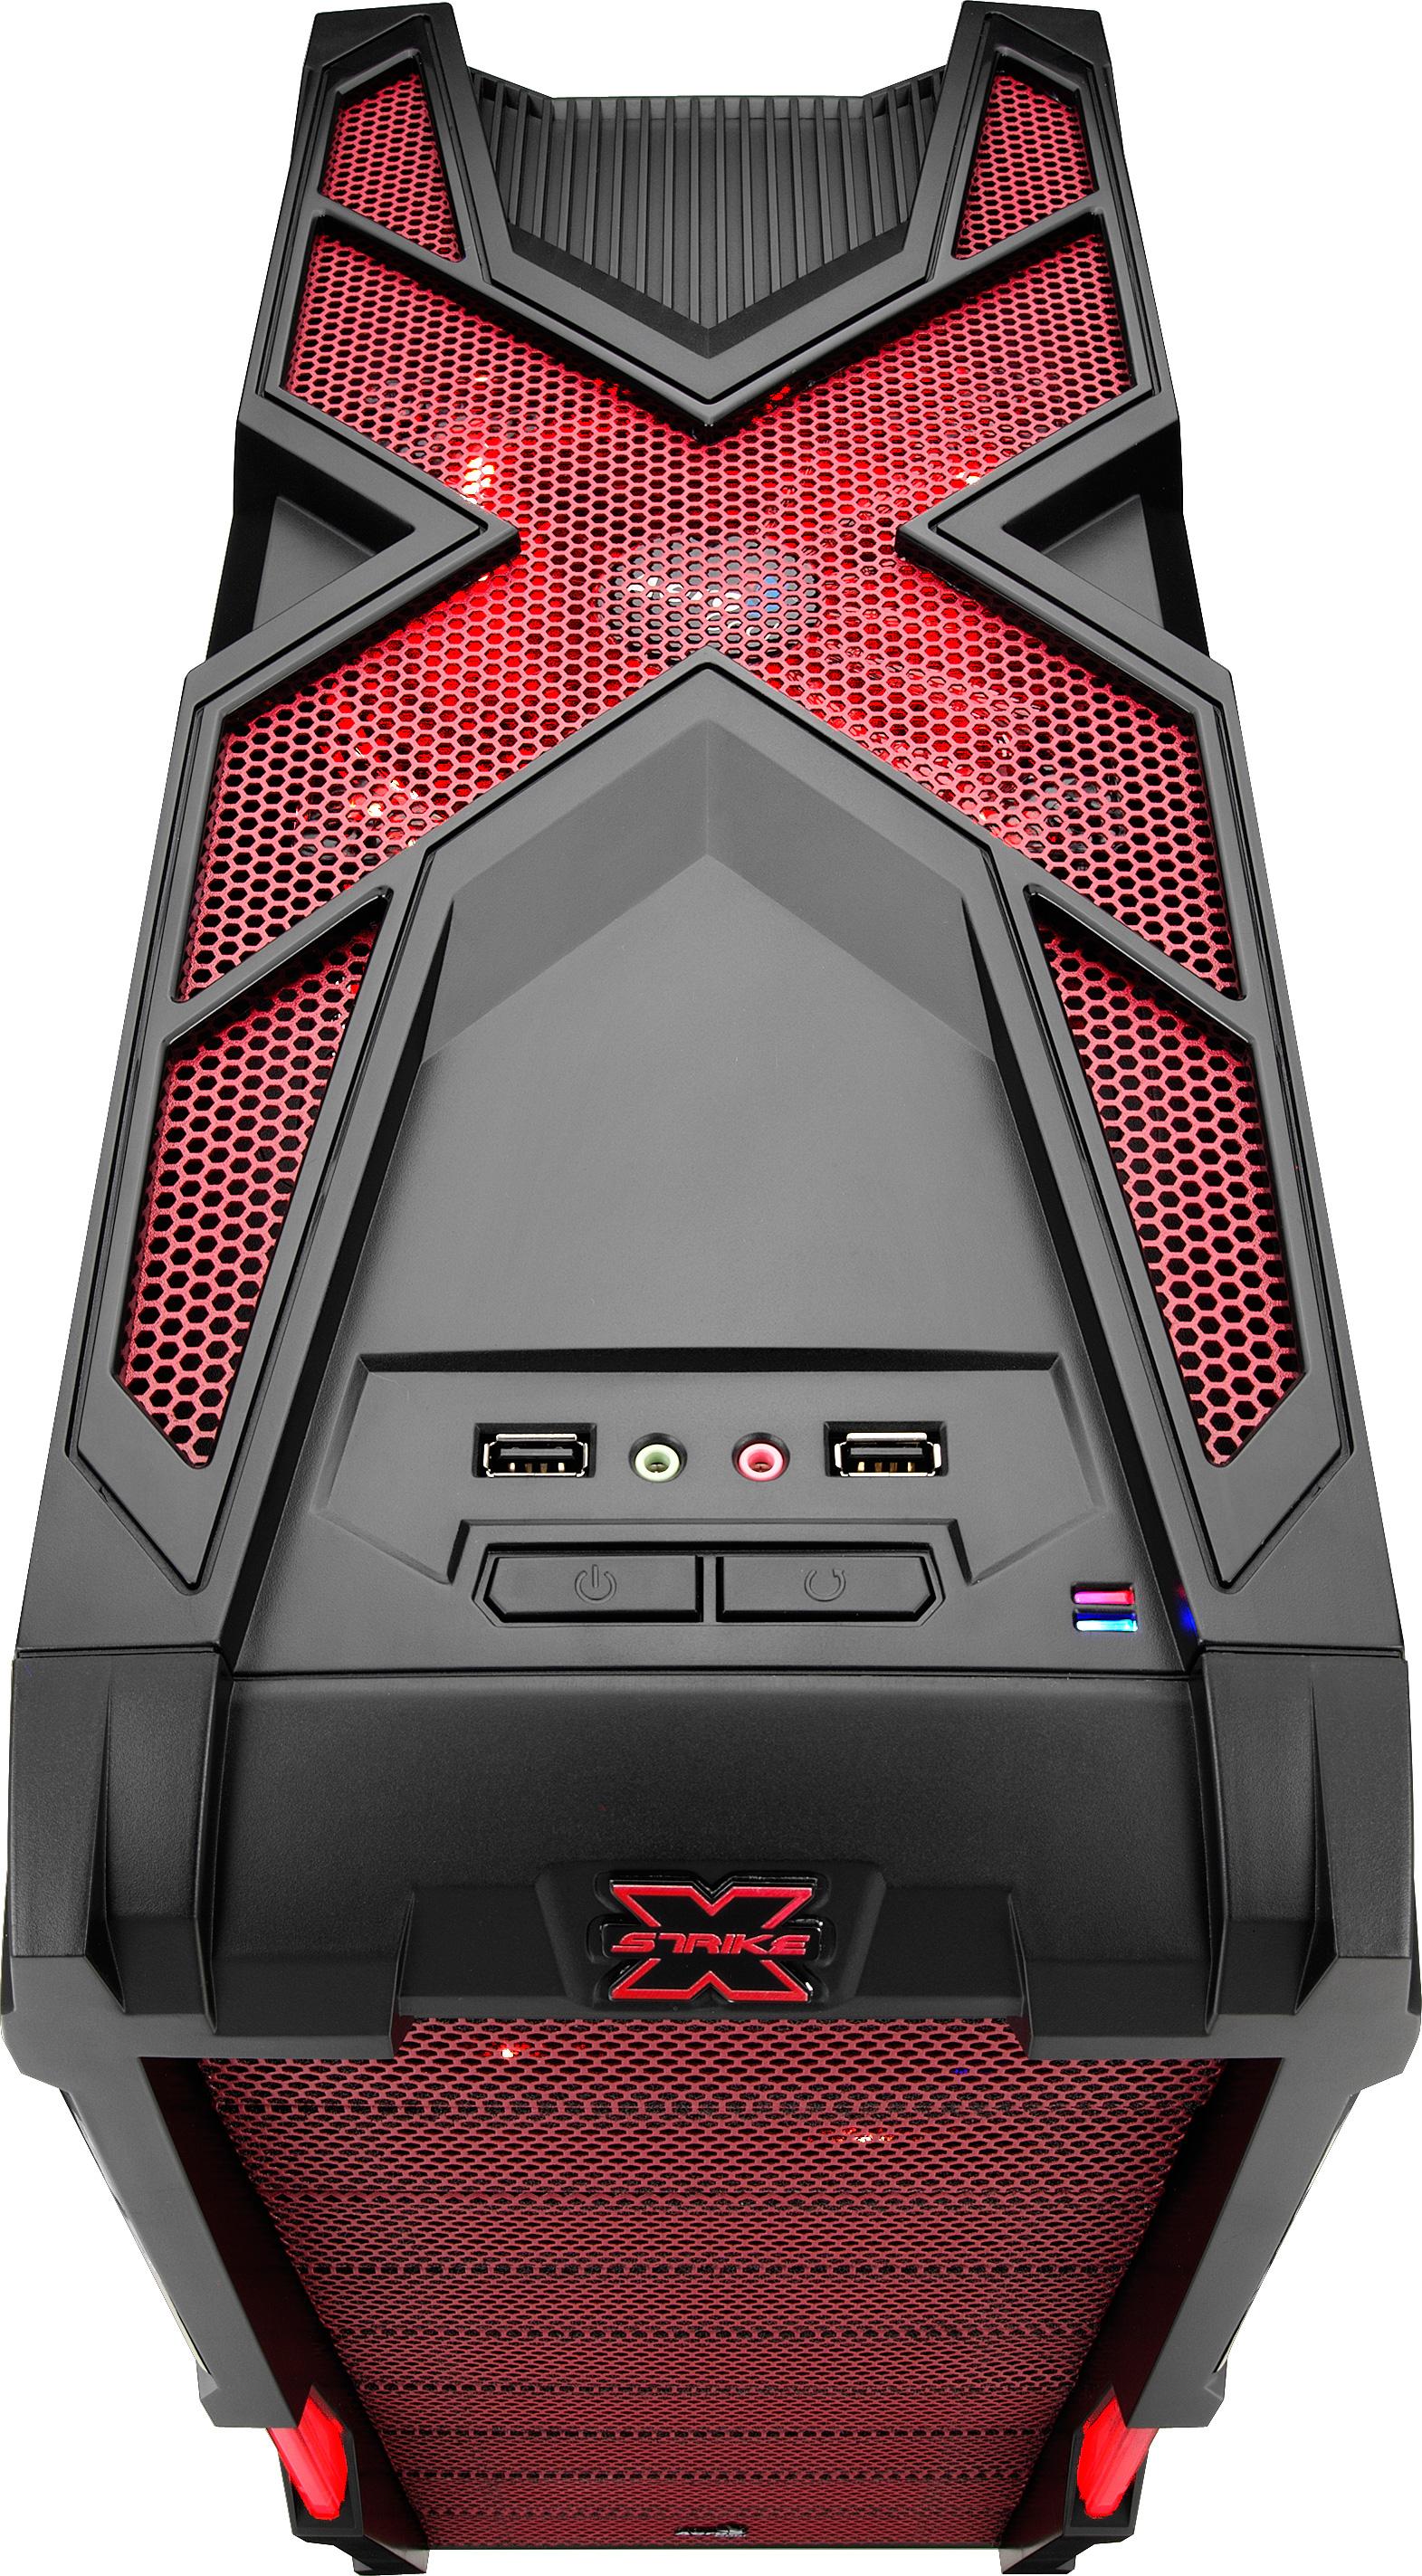 Aerocool Strike X Gaming Cases